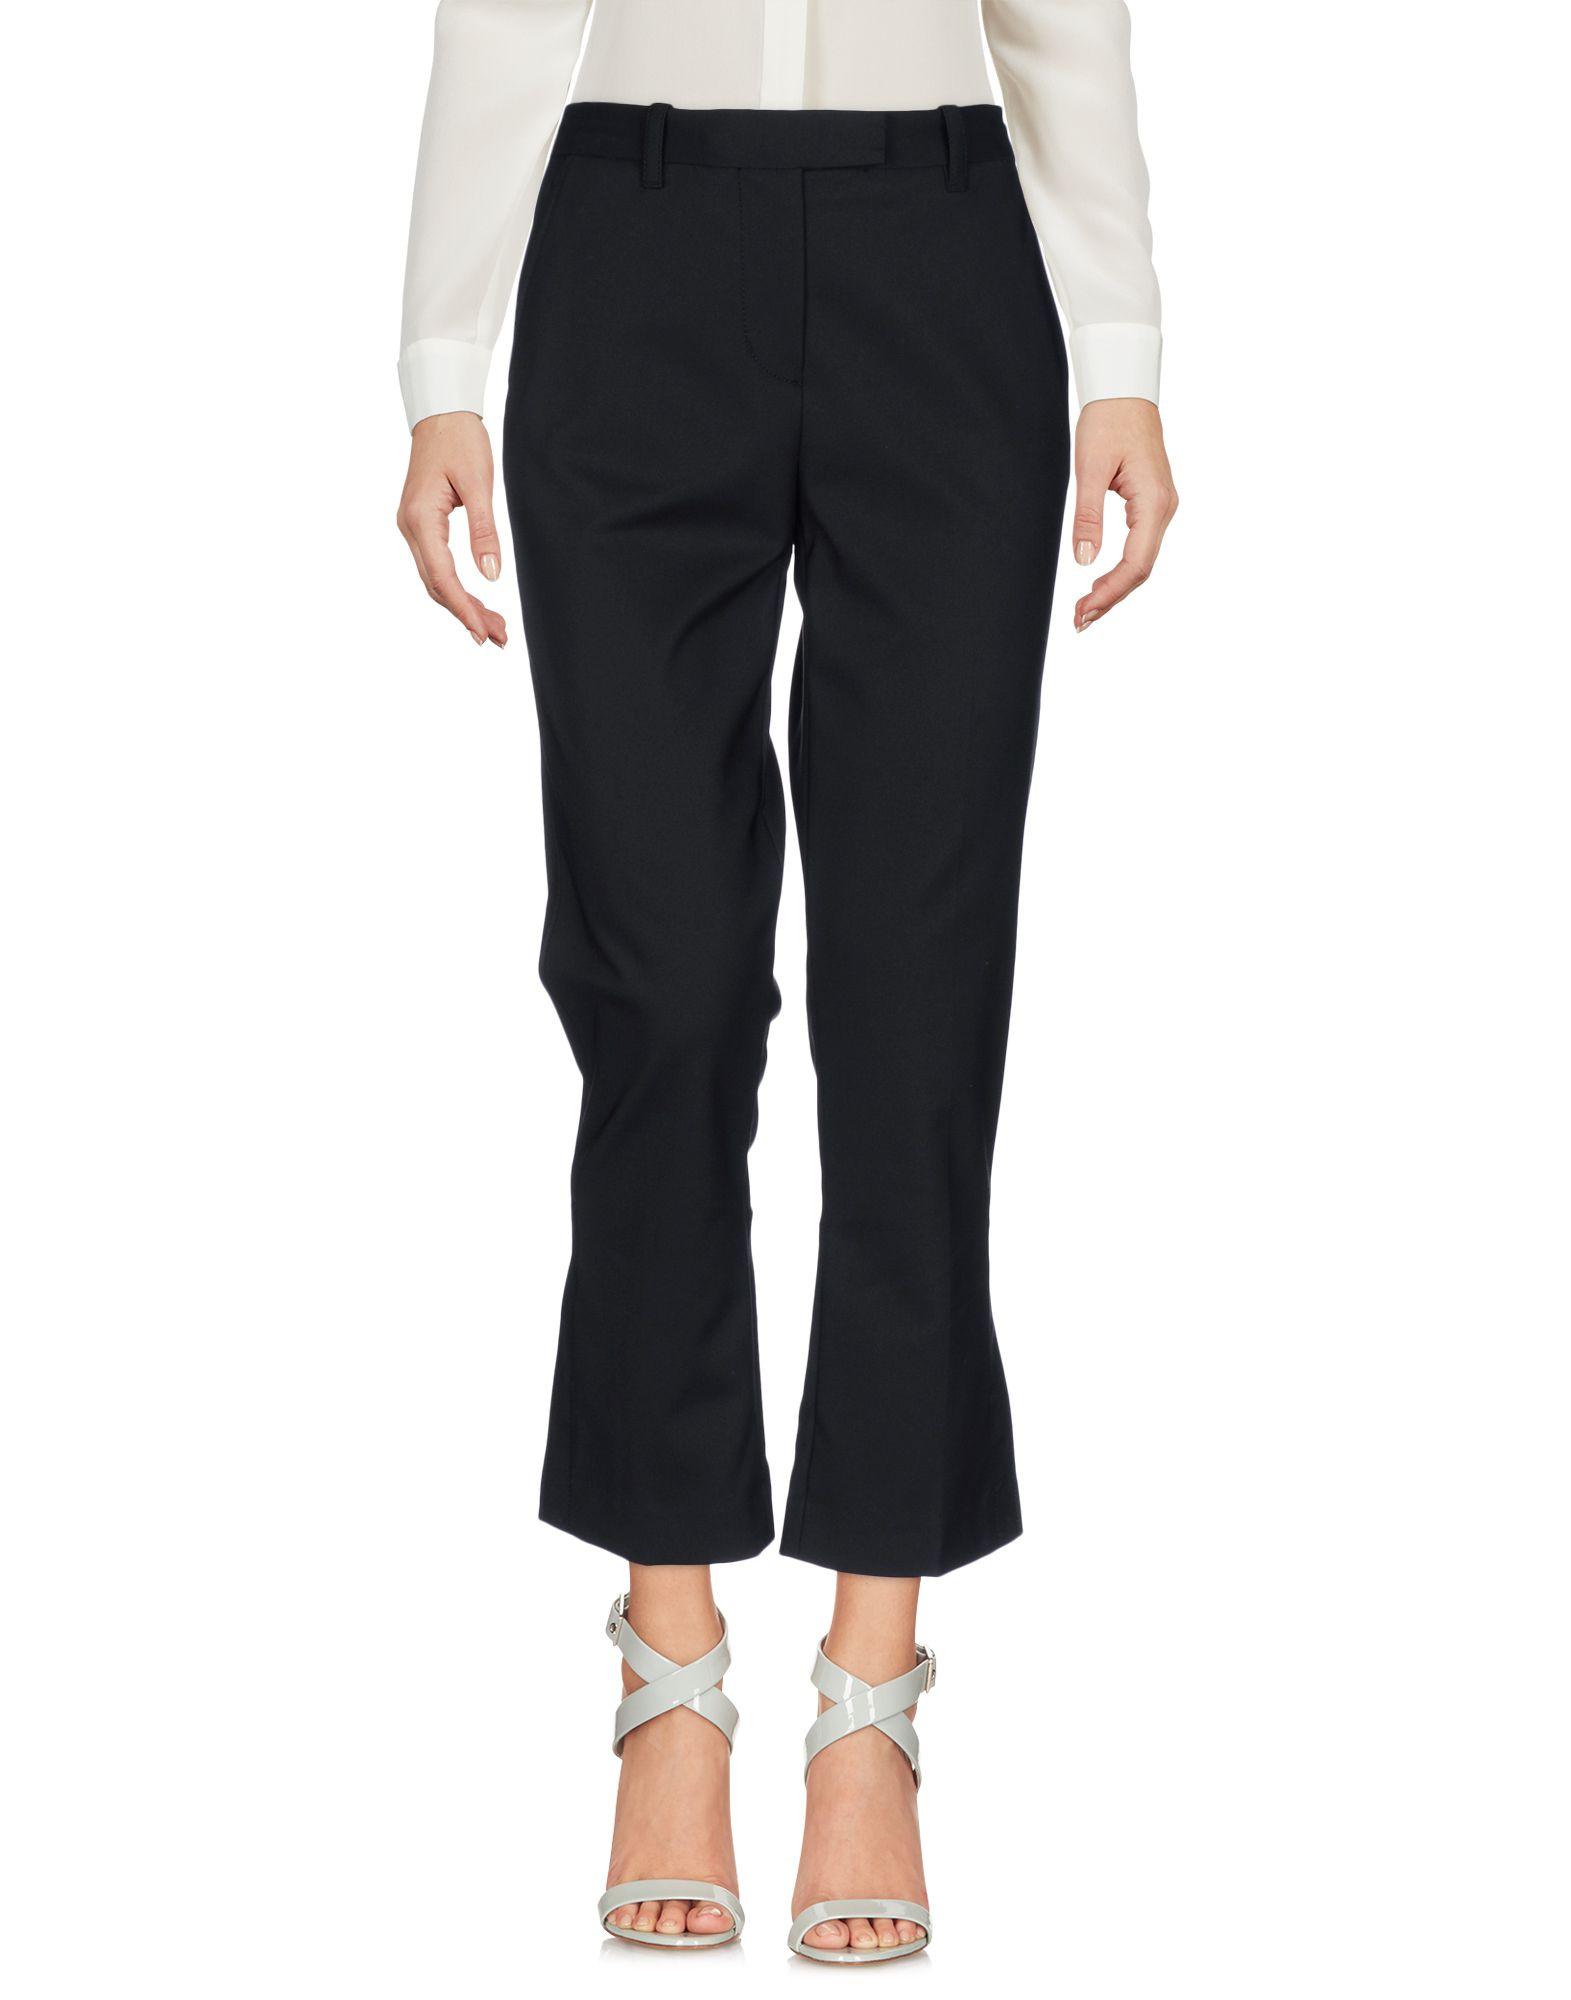 Фото 3.1 PHILLIP LIM Повседневные брюки. Купить с доставкой